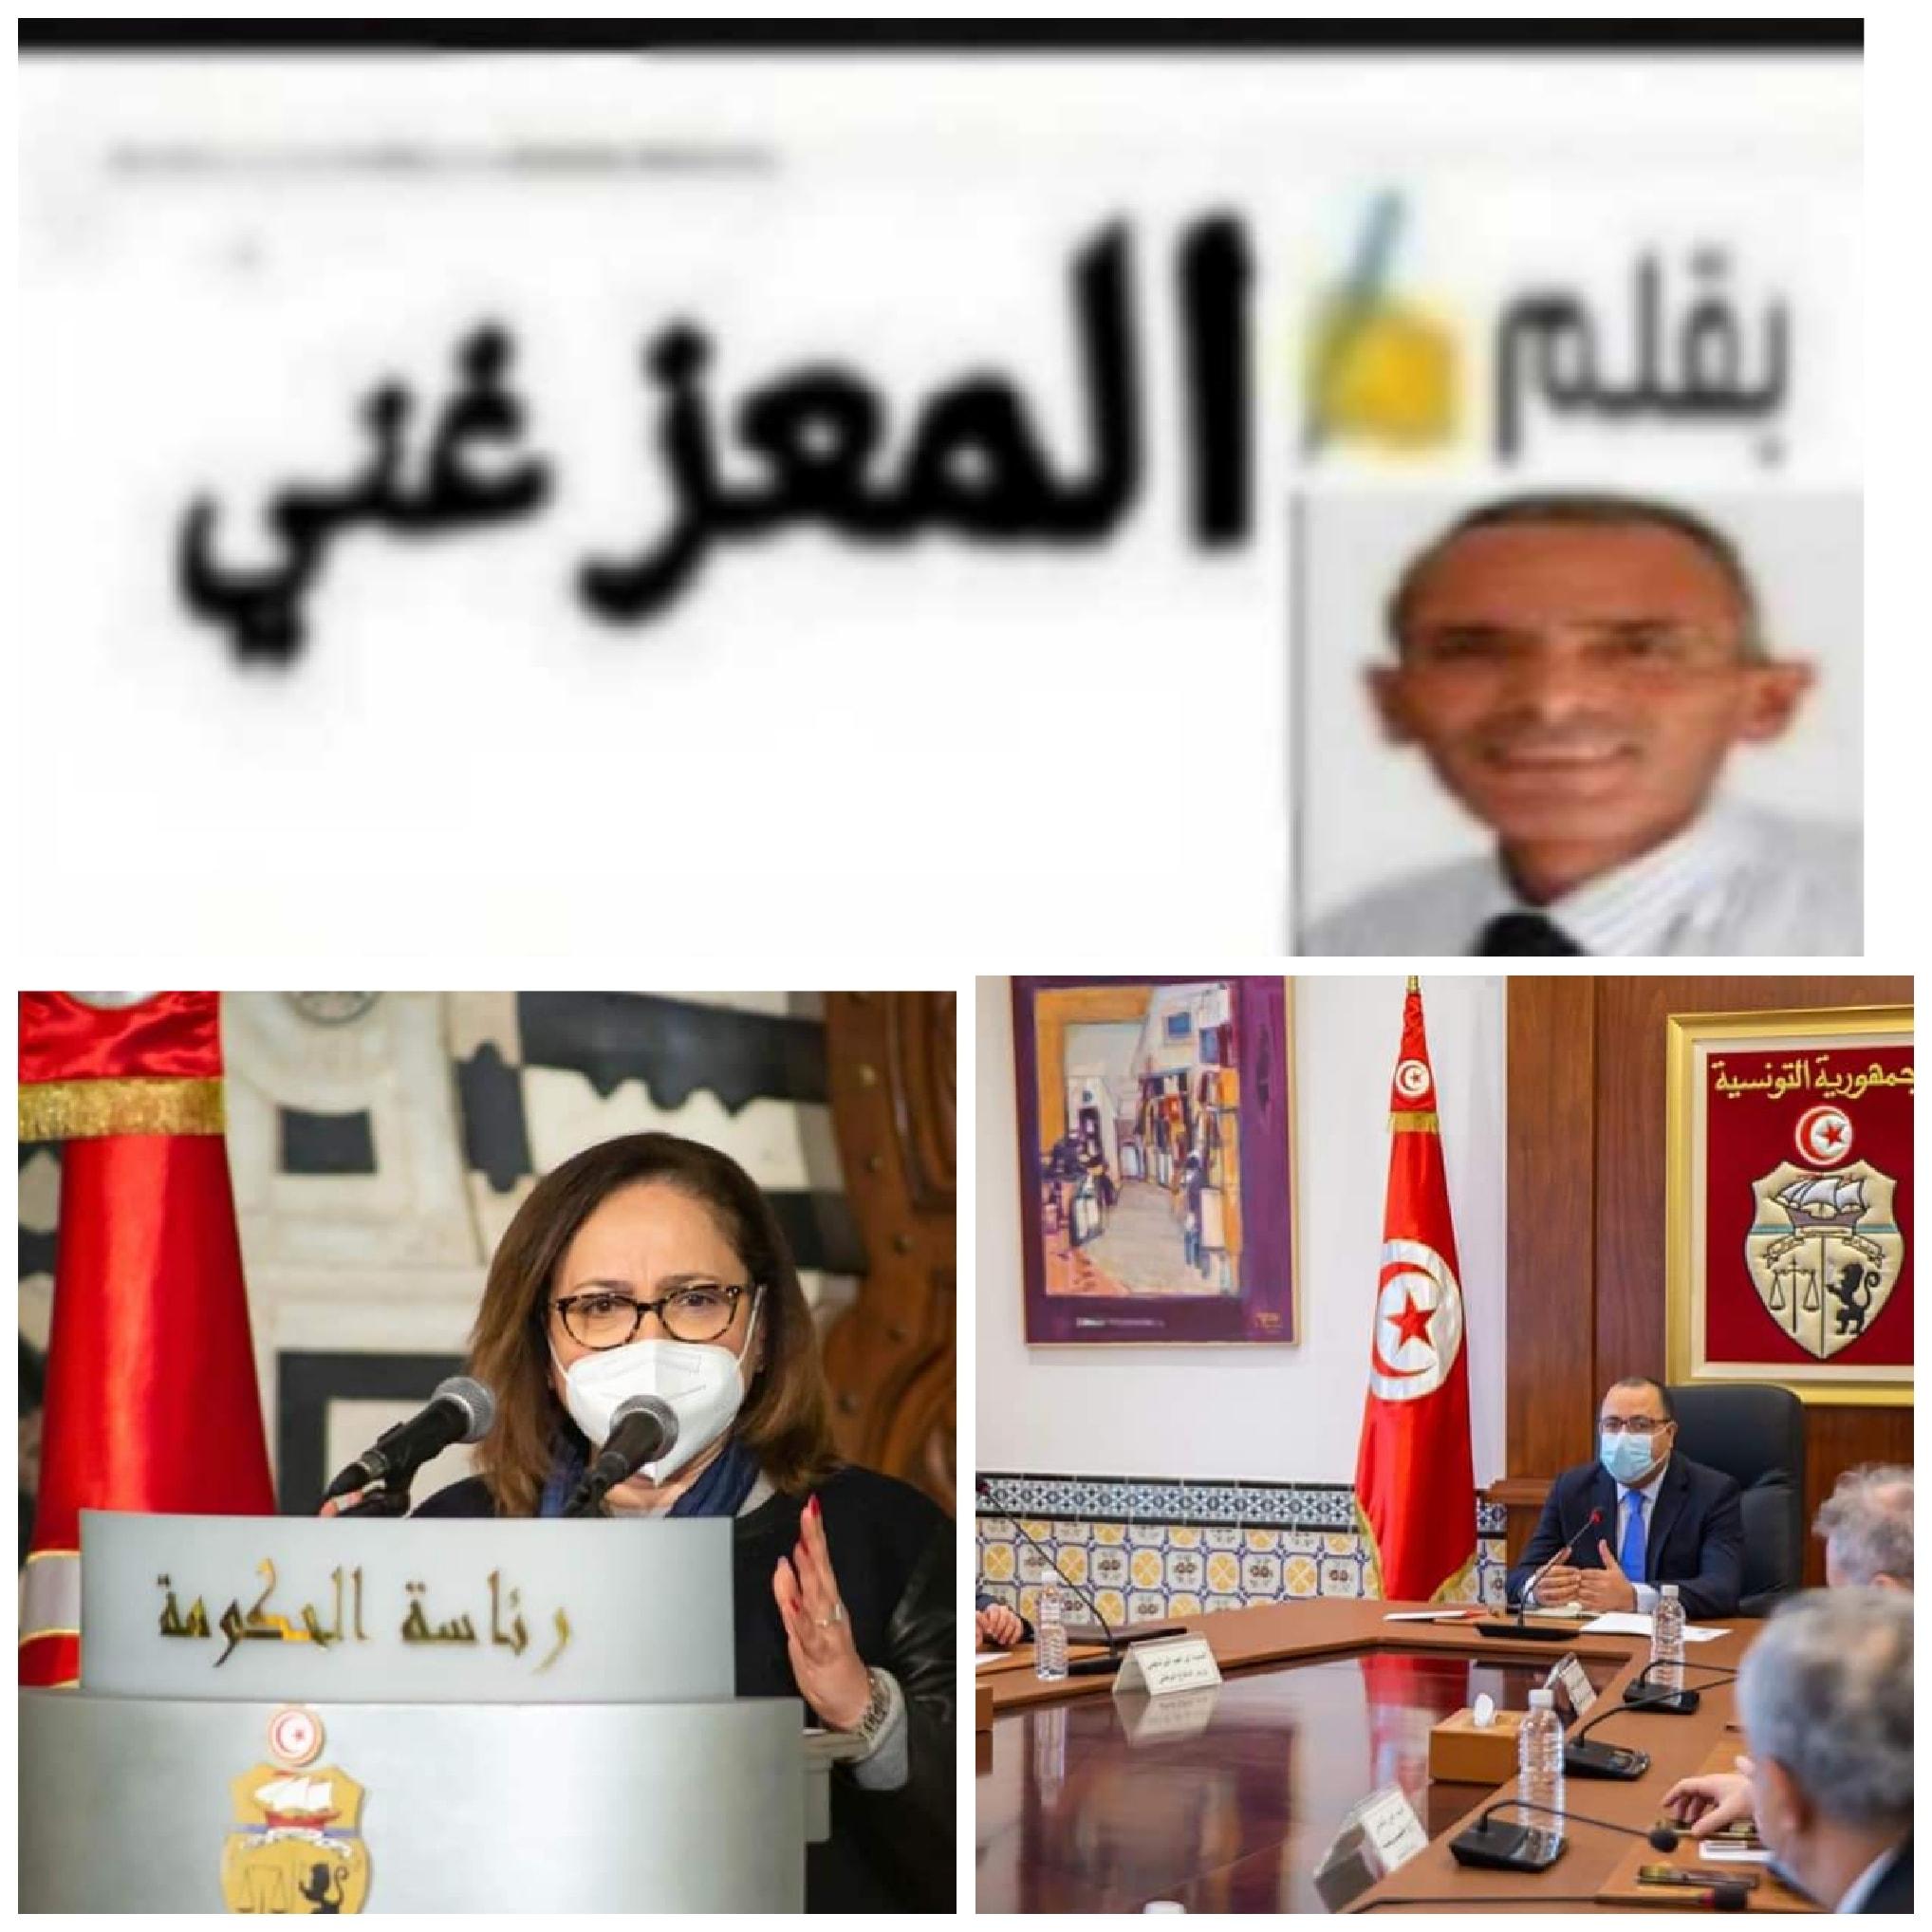 هنا نابل الجمهورية التونسية / الأهرام نيوز